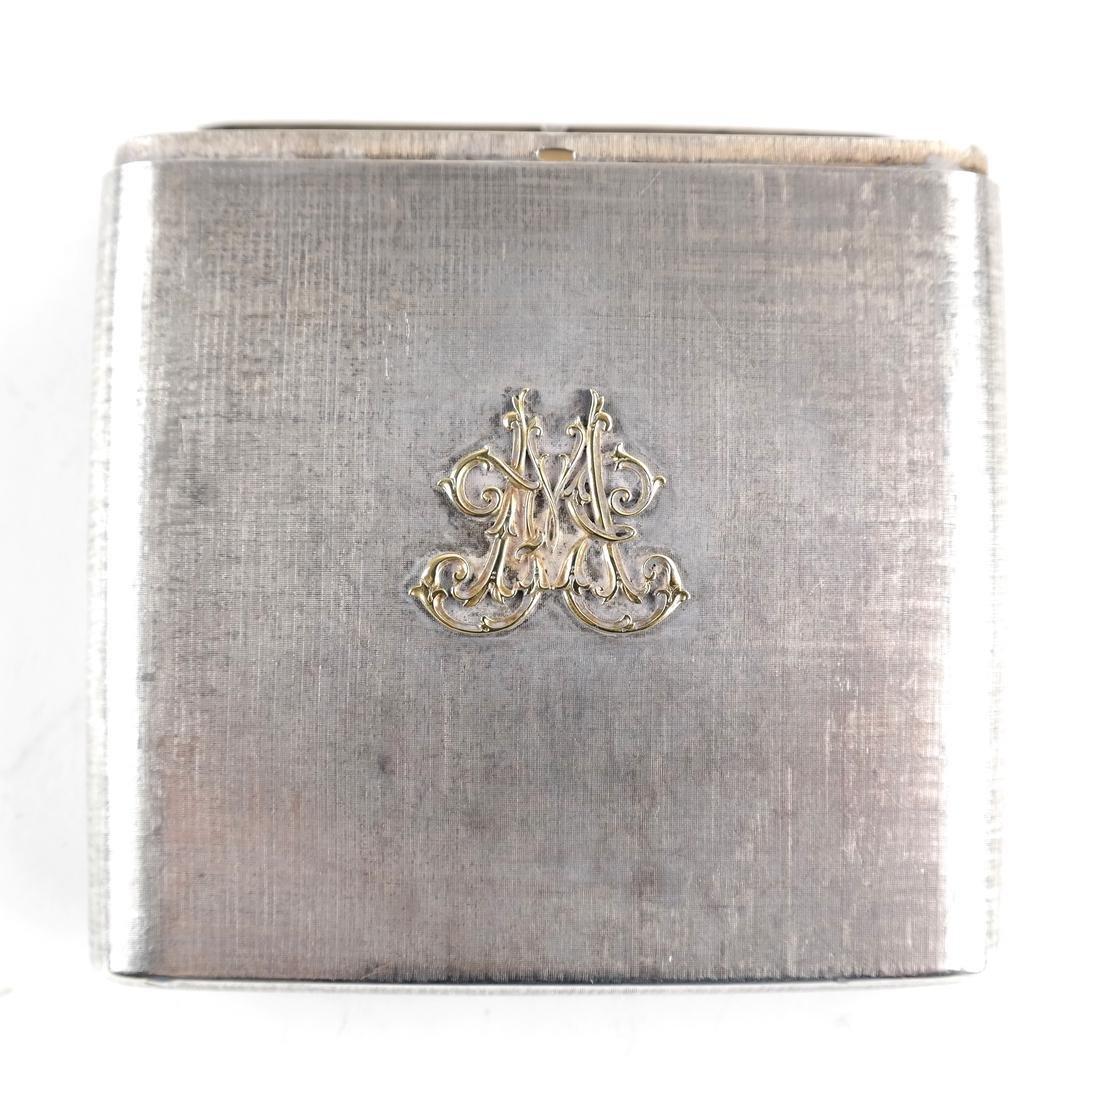 Mario Buccellati, Sterling Silver Cigarette Case - 5